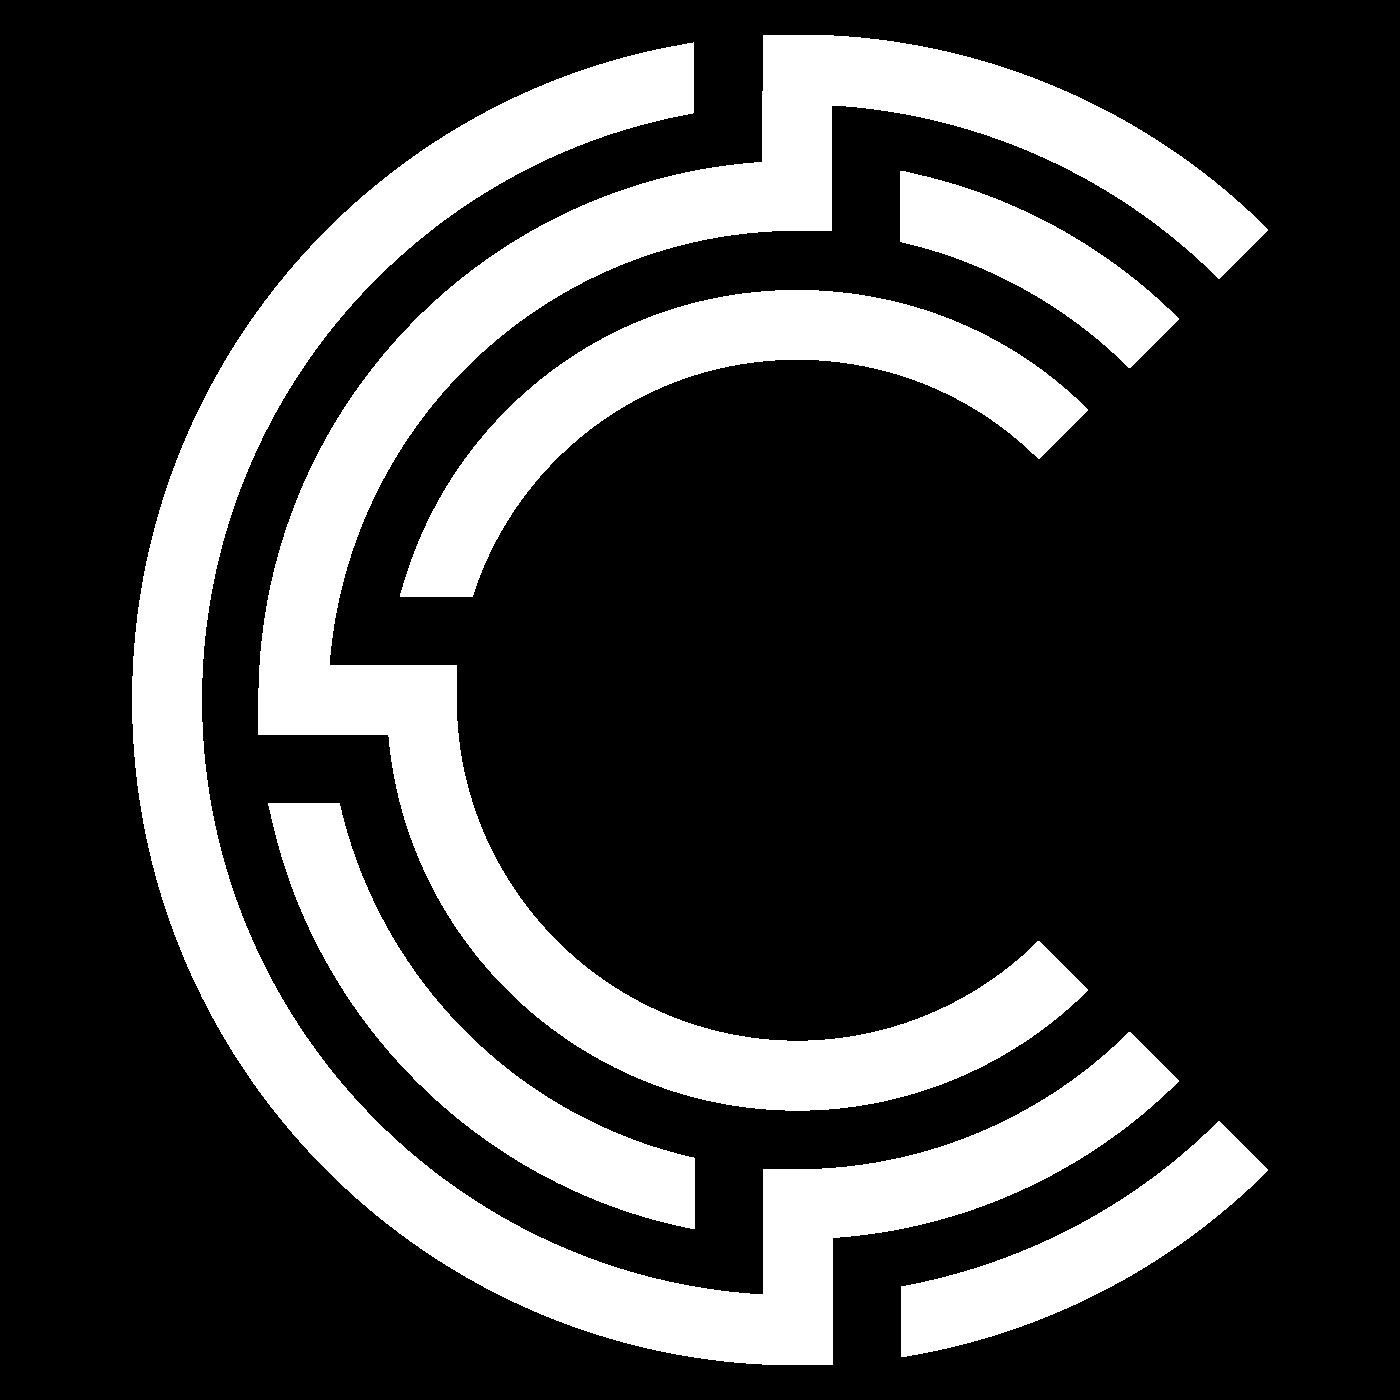 w_logo_1